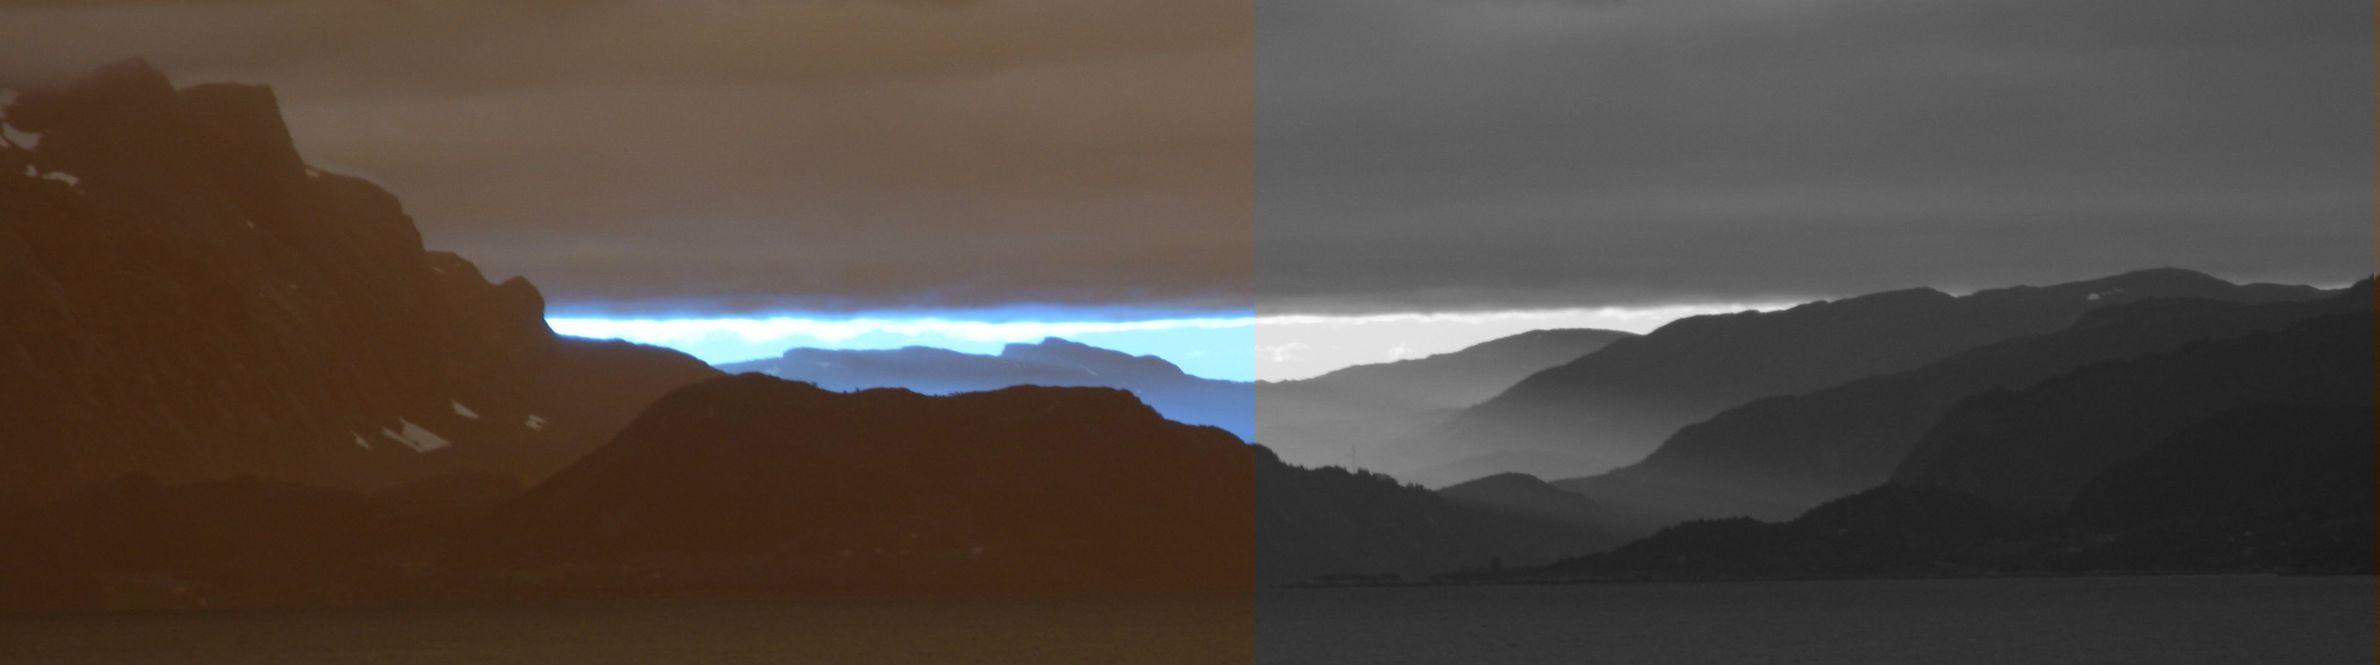 Sonnenaufgang_C_SW.png.jpg